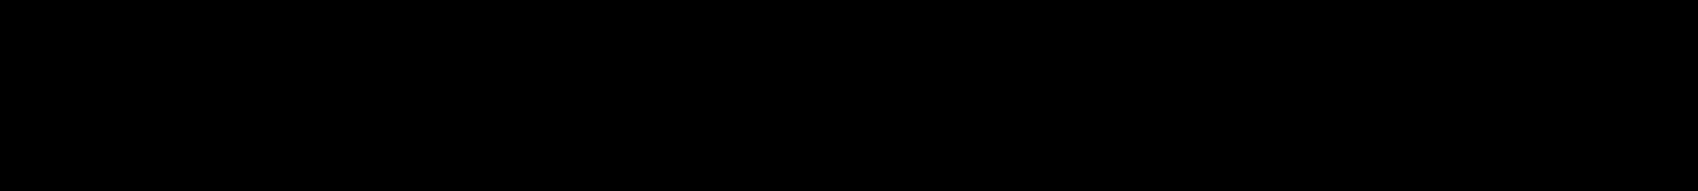 YWFT 6x7oct Light